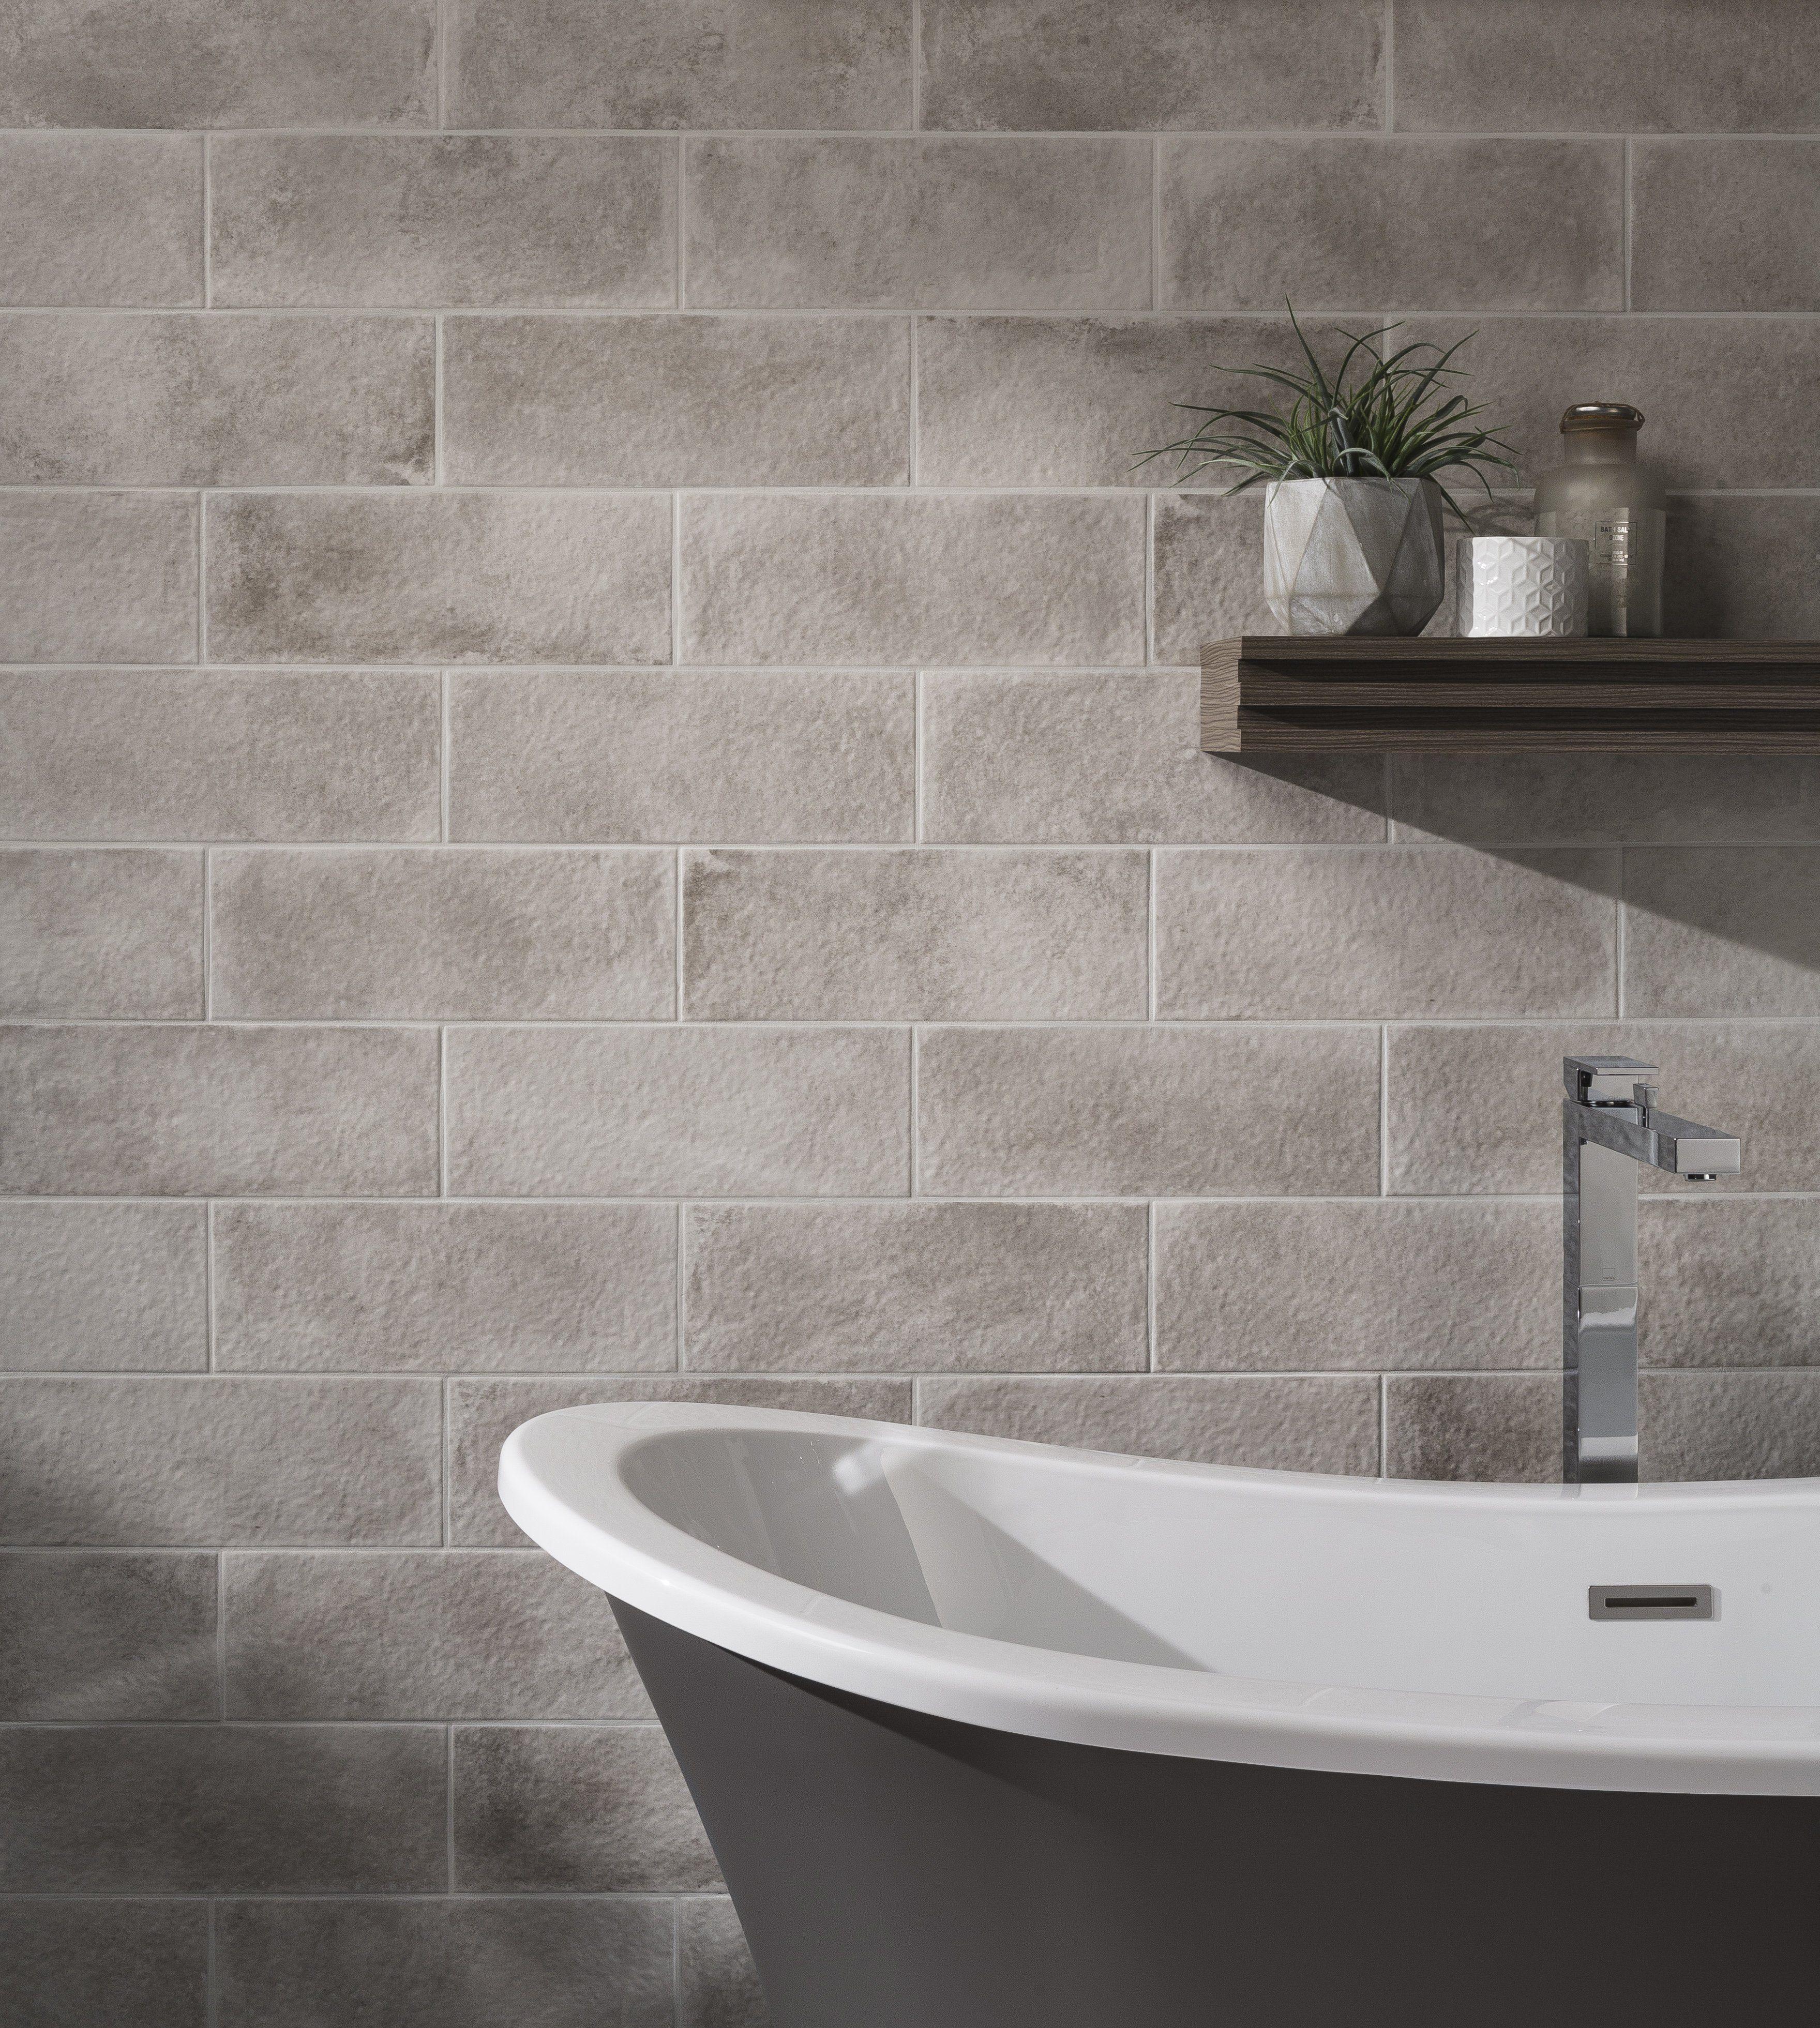 Bathroom Wall Tiles Photos